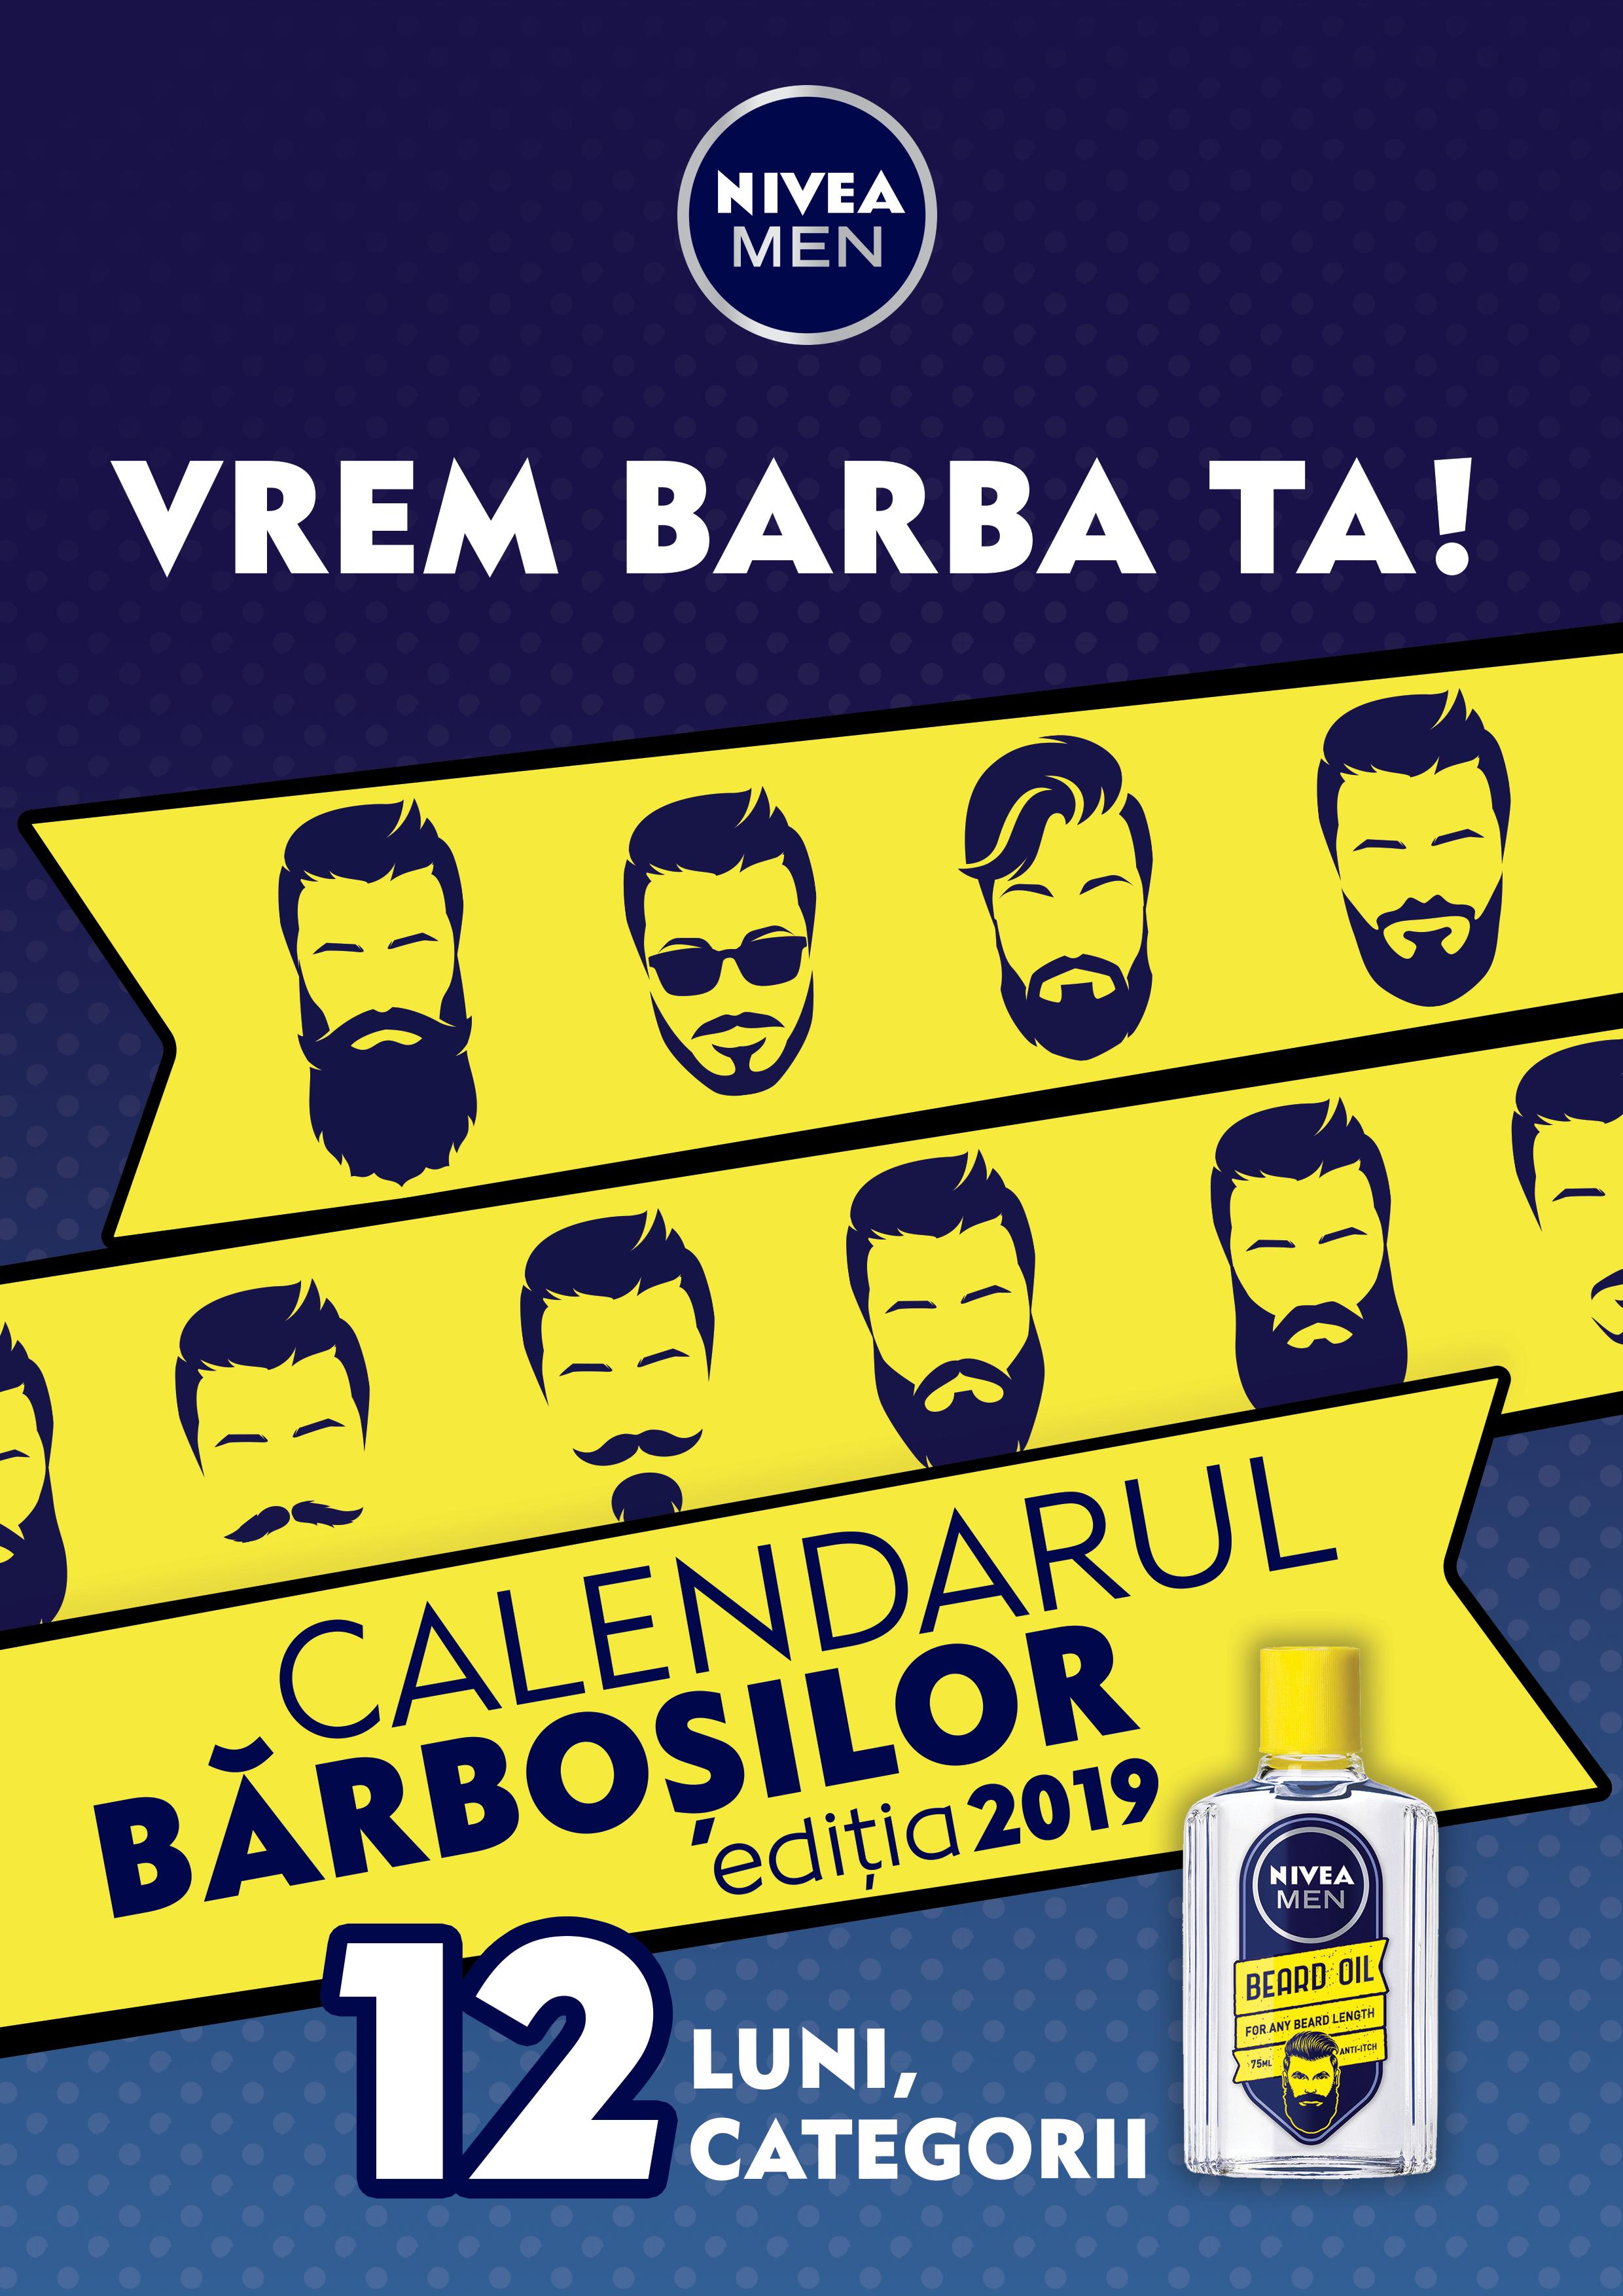 NIVEA MEN pregătește Calendarul Bărboșilor, ediția 2019!